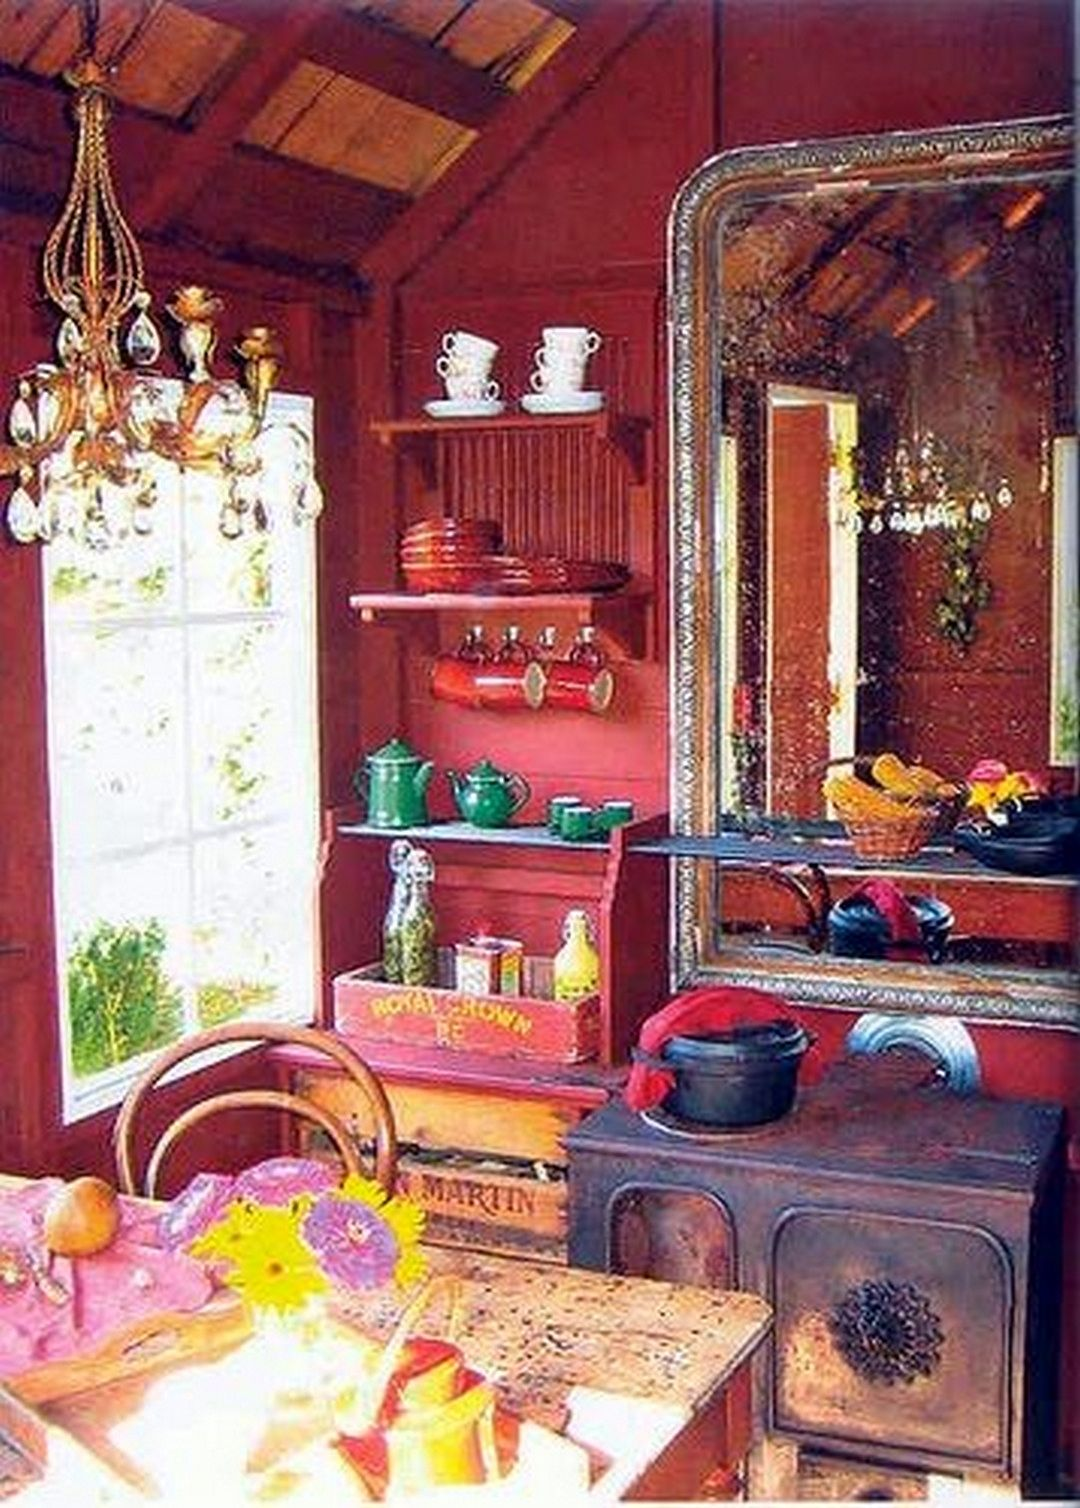 7 top bohemian style decor tips with adorable interior ideas bohemian kitchen boho kitchen on boho chic kitchen decor bohemian interior id=34724